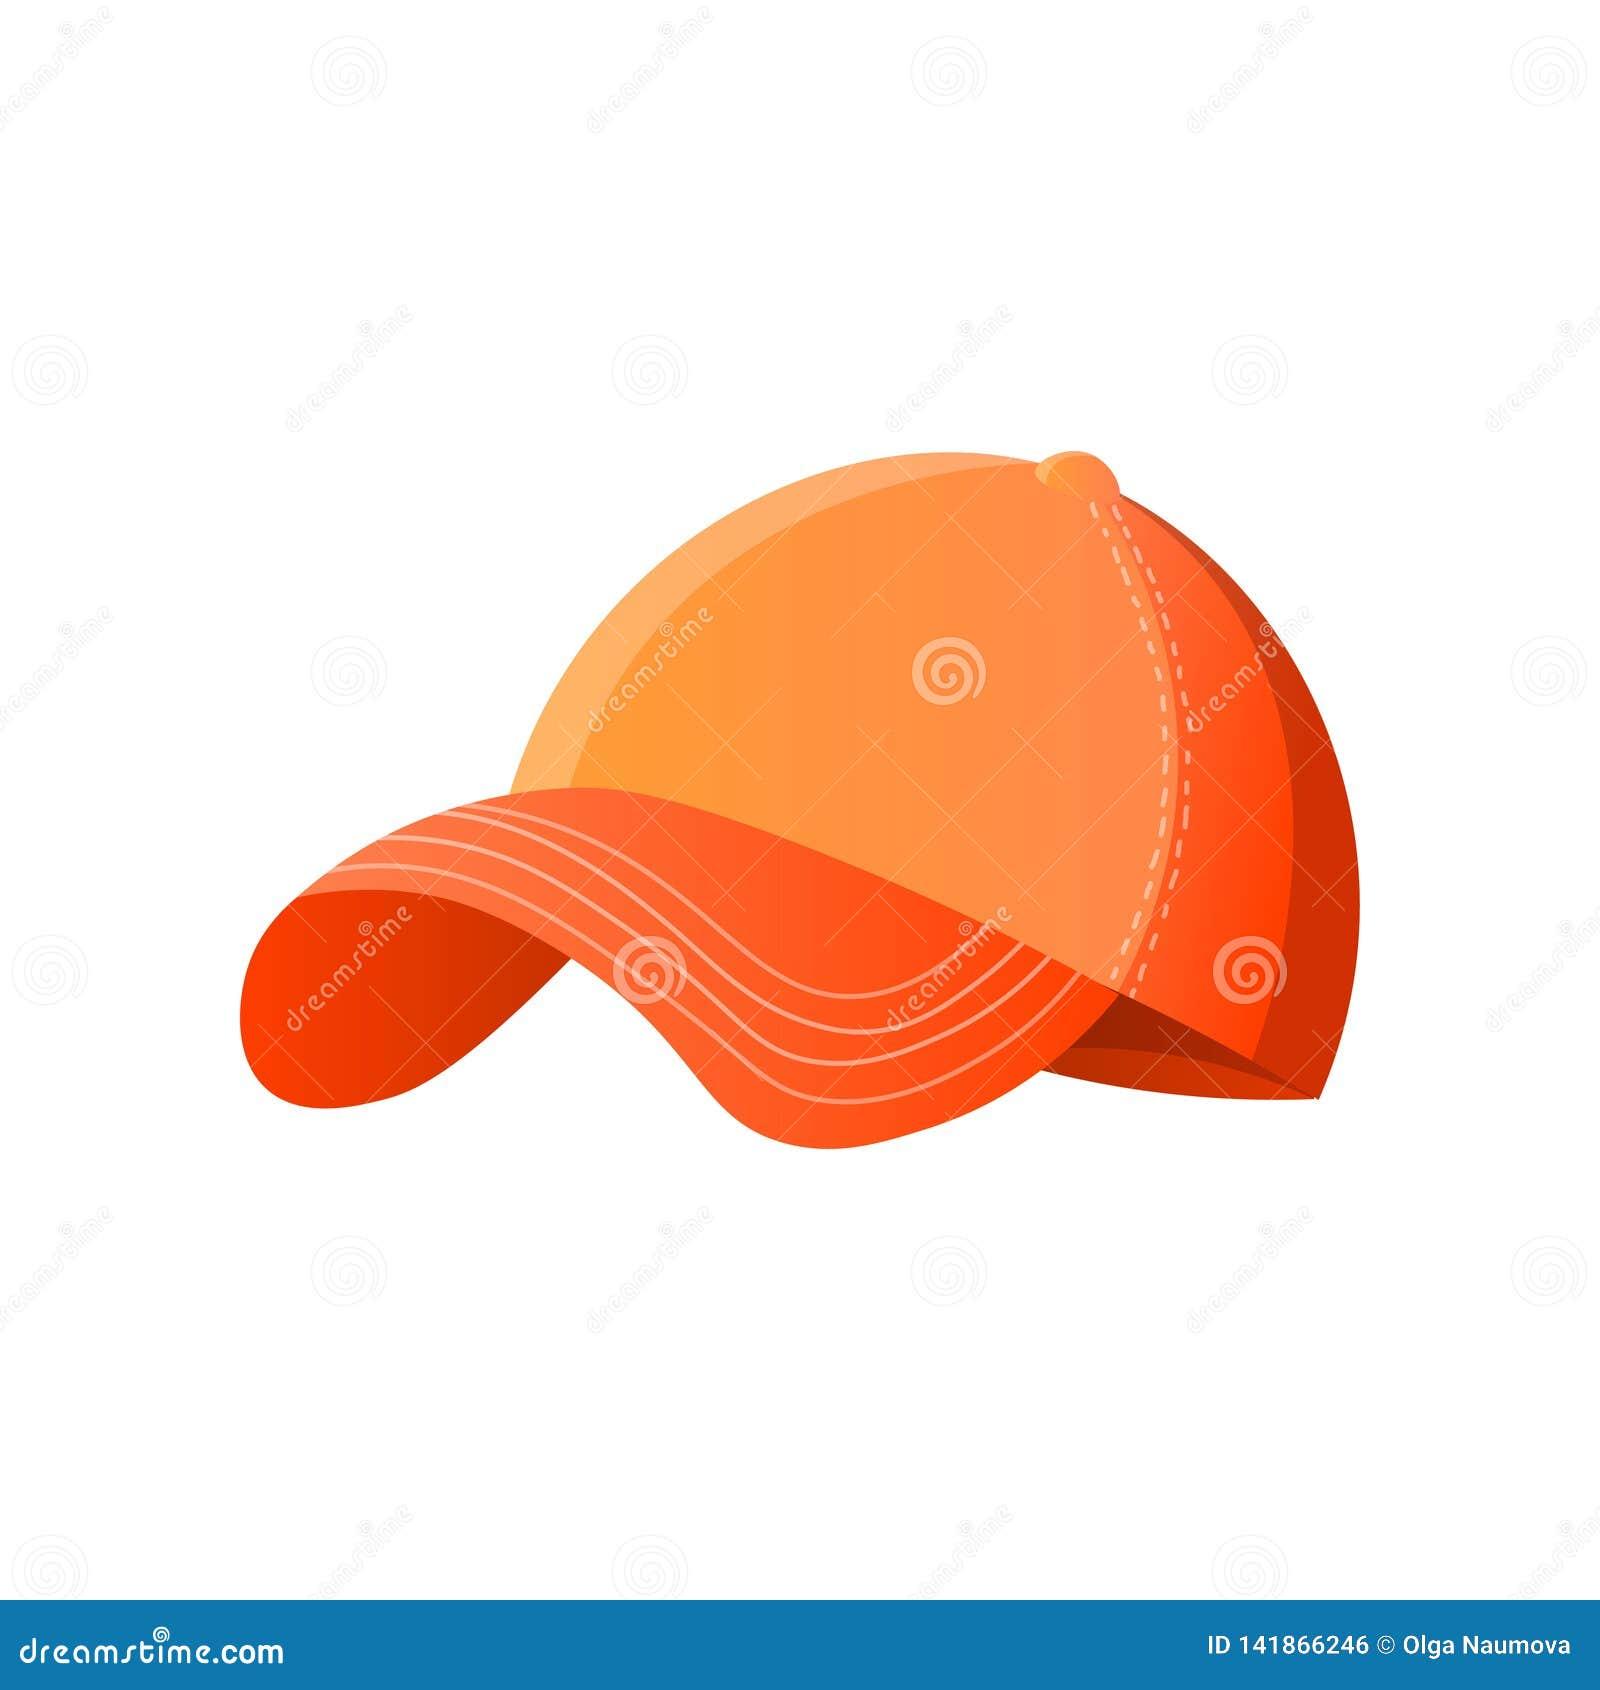 Jaskrawa pomarańczowa baseball nakrętka odizolowywająca na białym tle